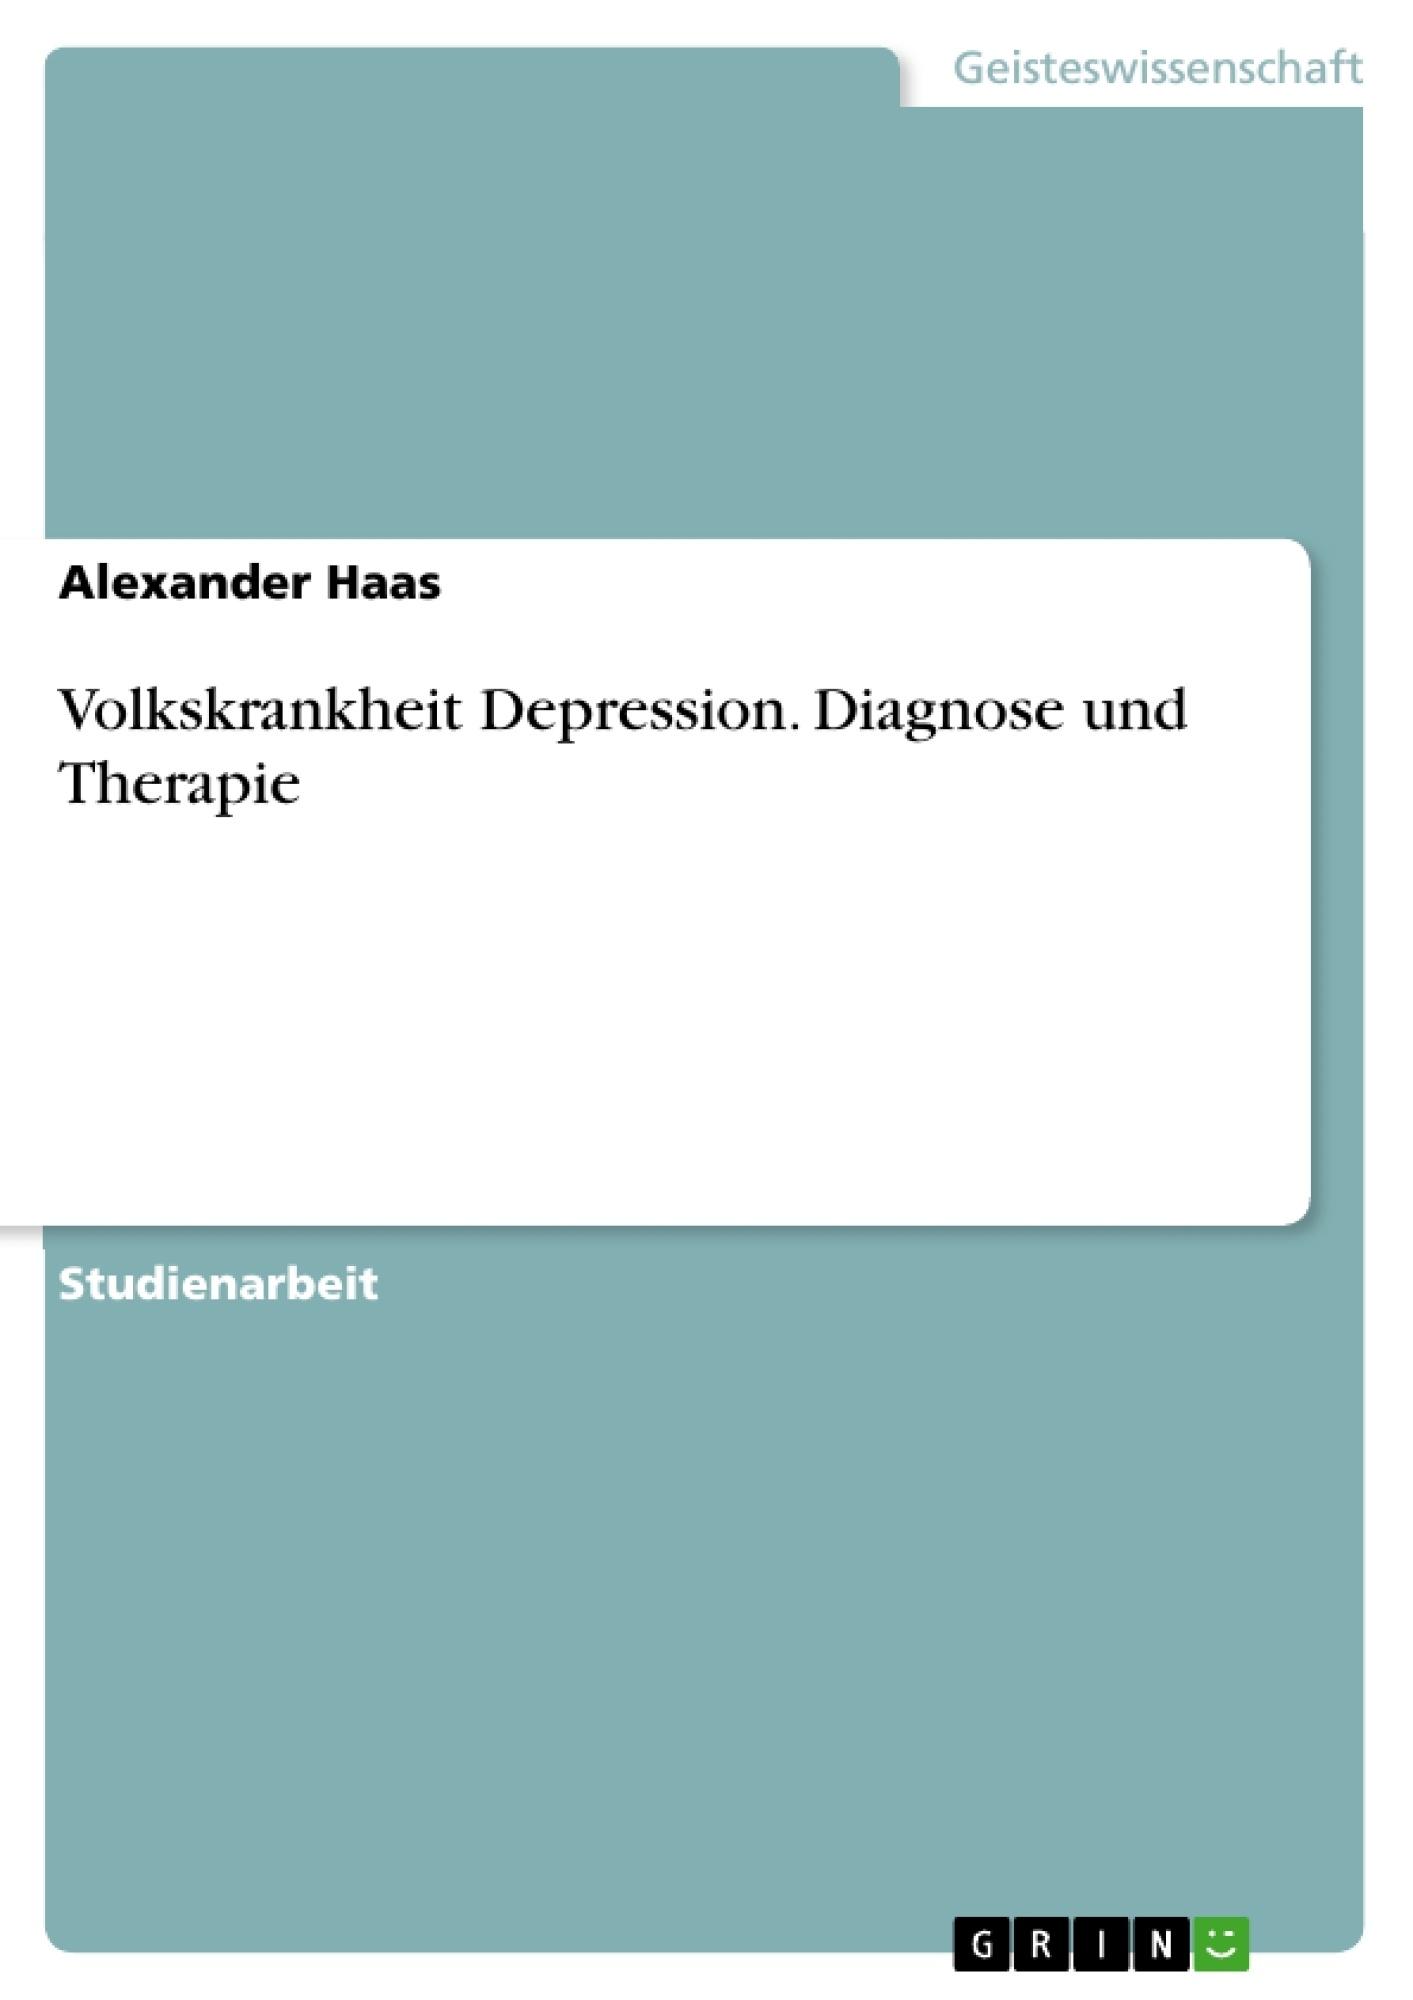 Titel: Volkskrankheit Depression. Diagnose und Therapie